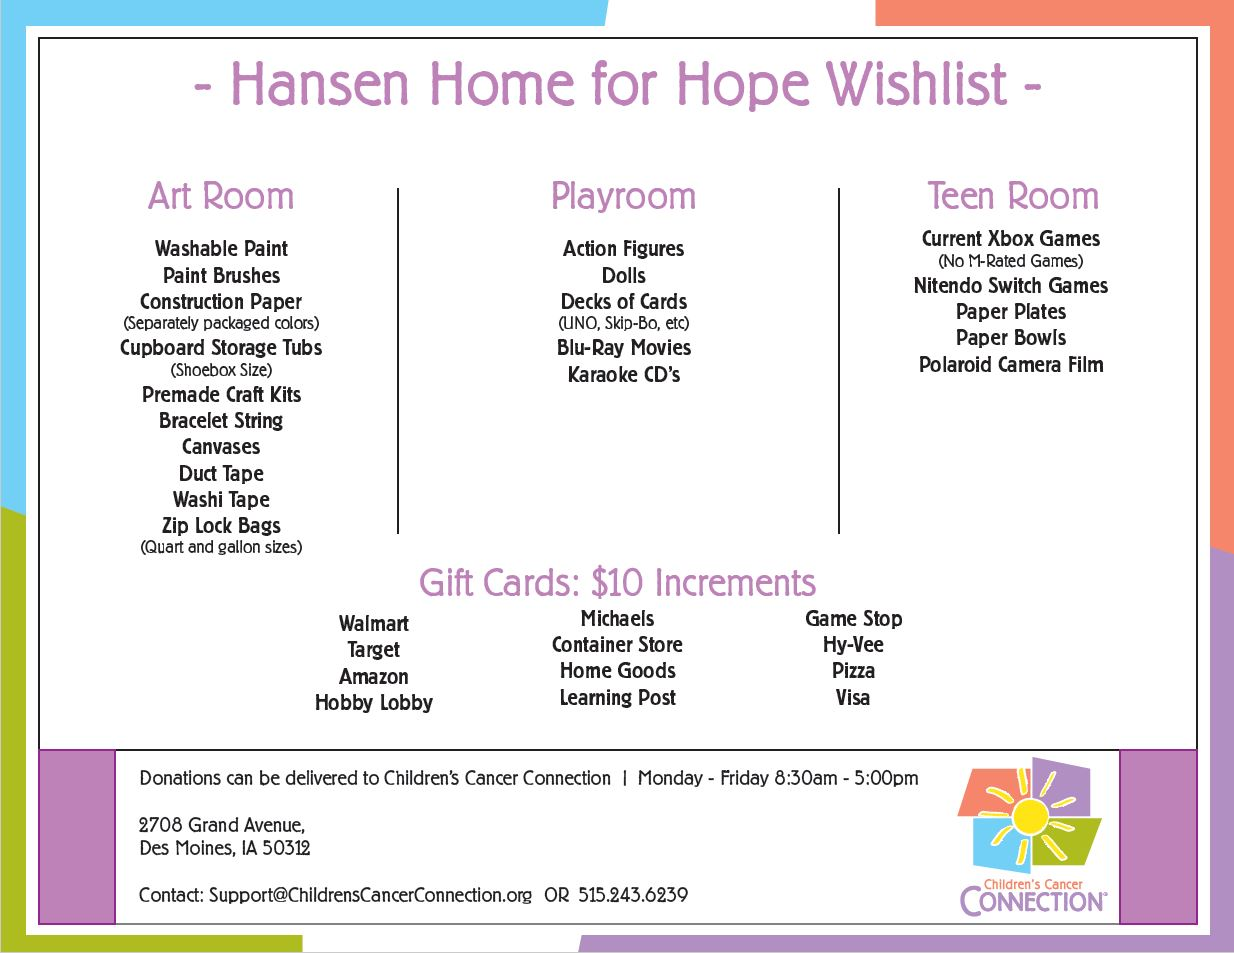 Hansen Home for Hope Wish List